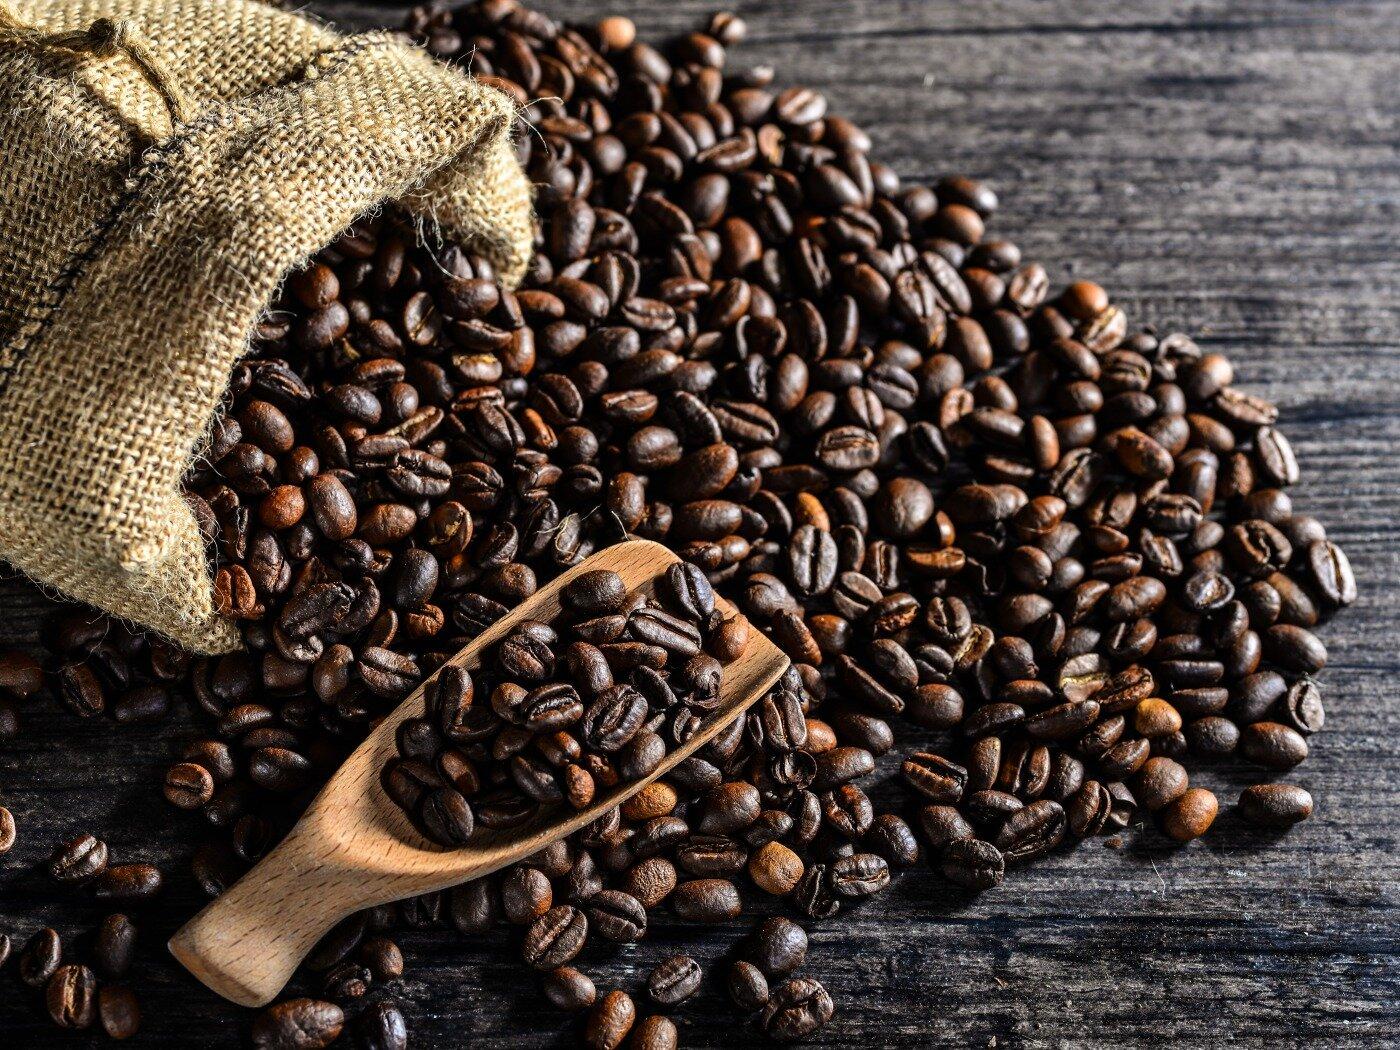 Мешки под кофе в зернах 30х40 см - фото мешочек джутовый под кофе 30х40